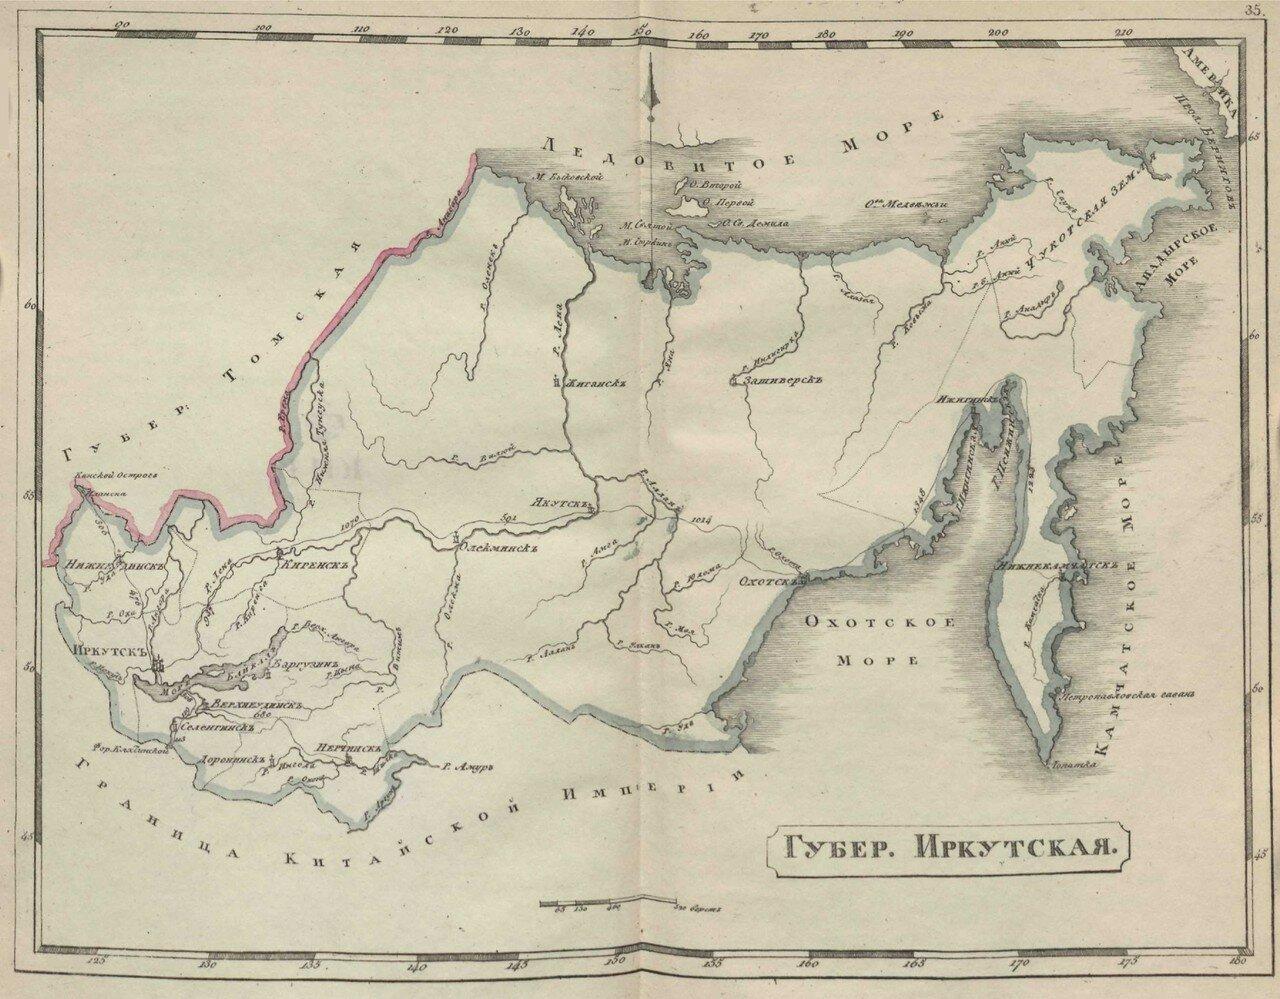 37. Иркутская губерния